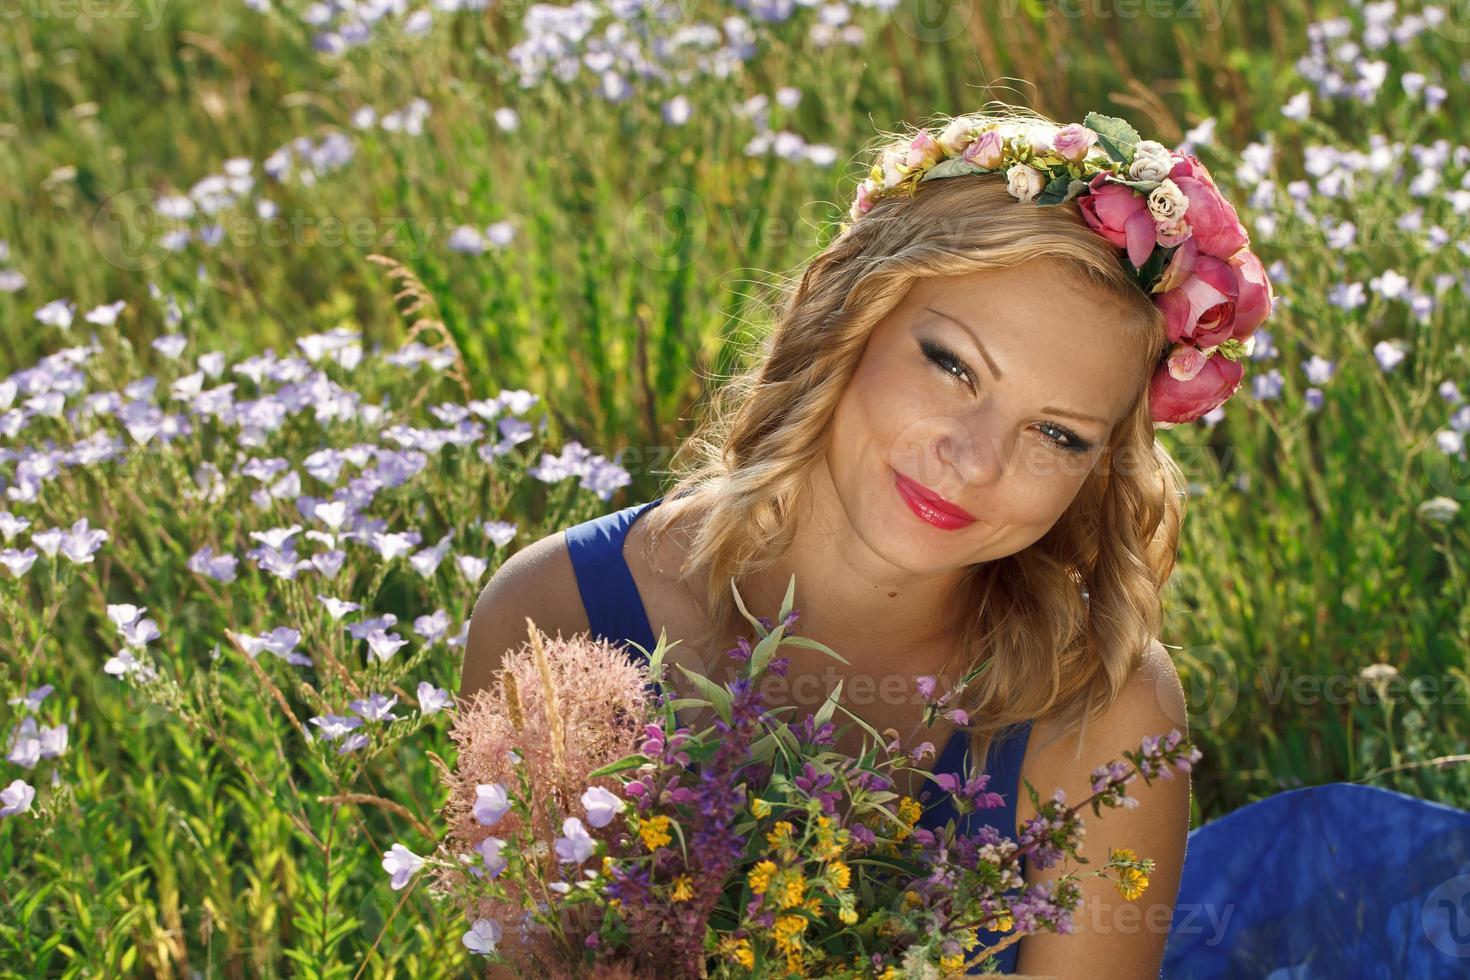 belle jeune fille avec des fleurs photo